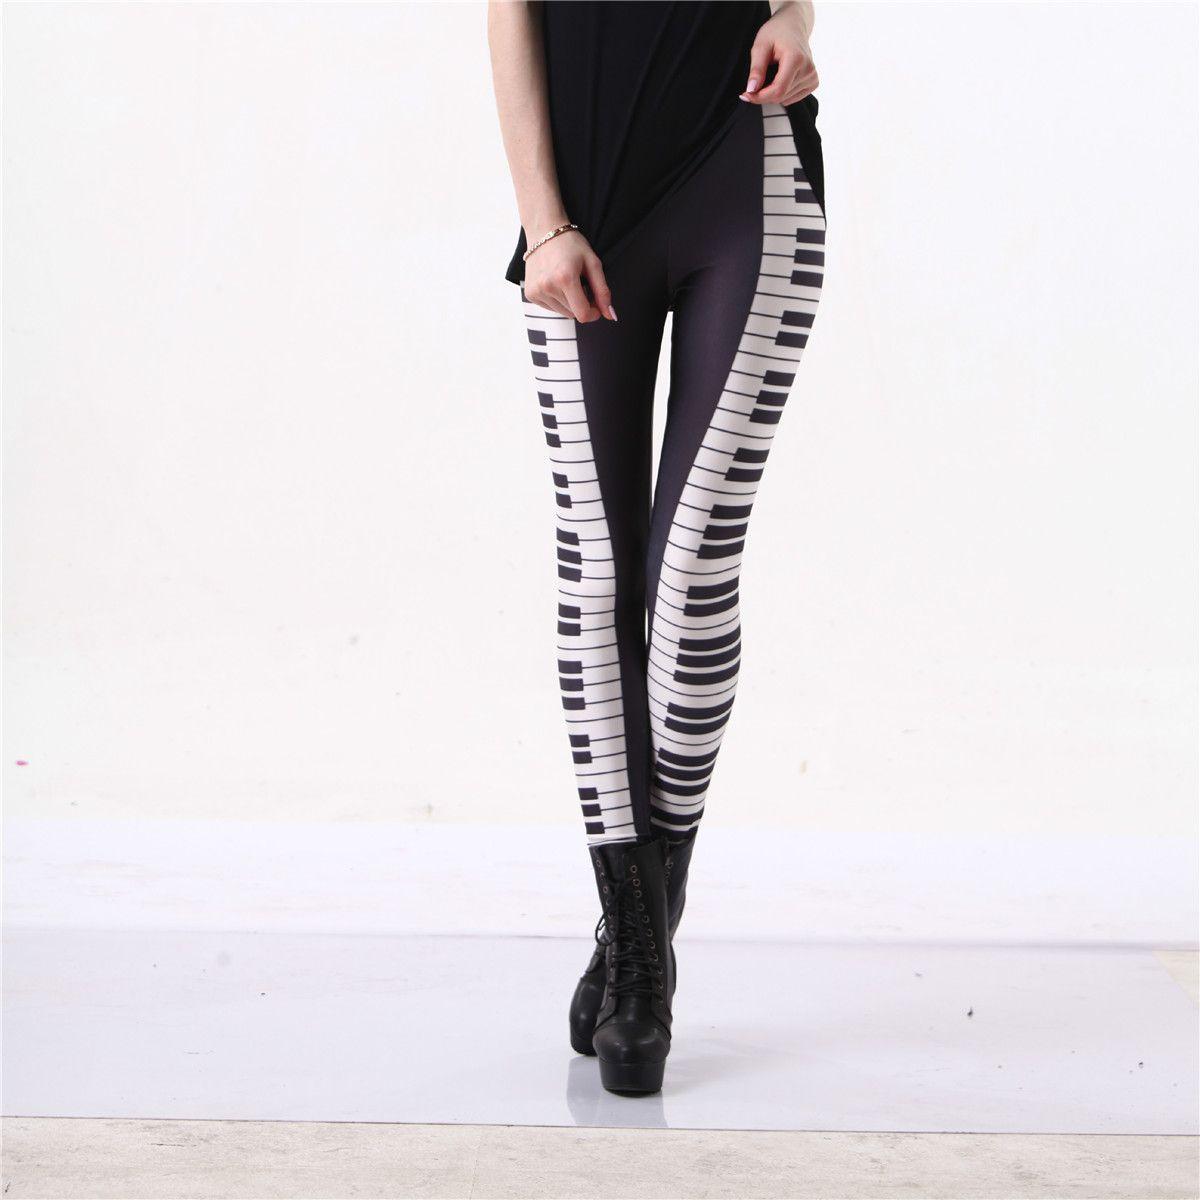 Leggings Piano noir blanc rayure Sexy jambe chaude 3D graphique imprimé touches de musique Fitness Leggings pantalons Gymwear Funky Capris S-4XL